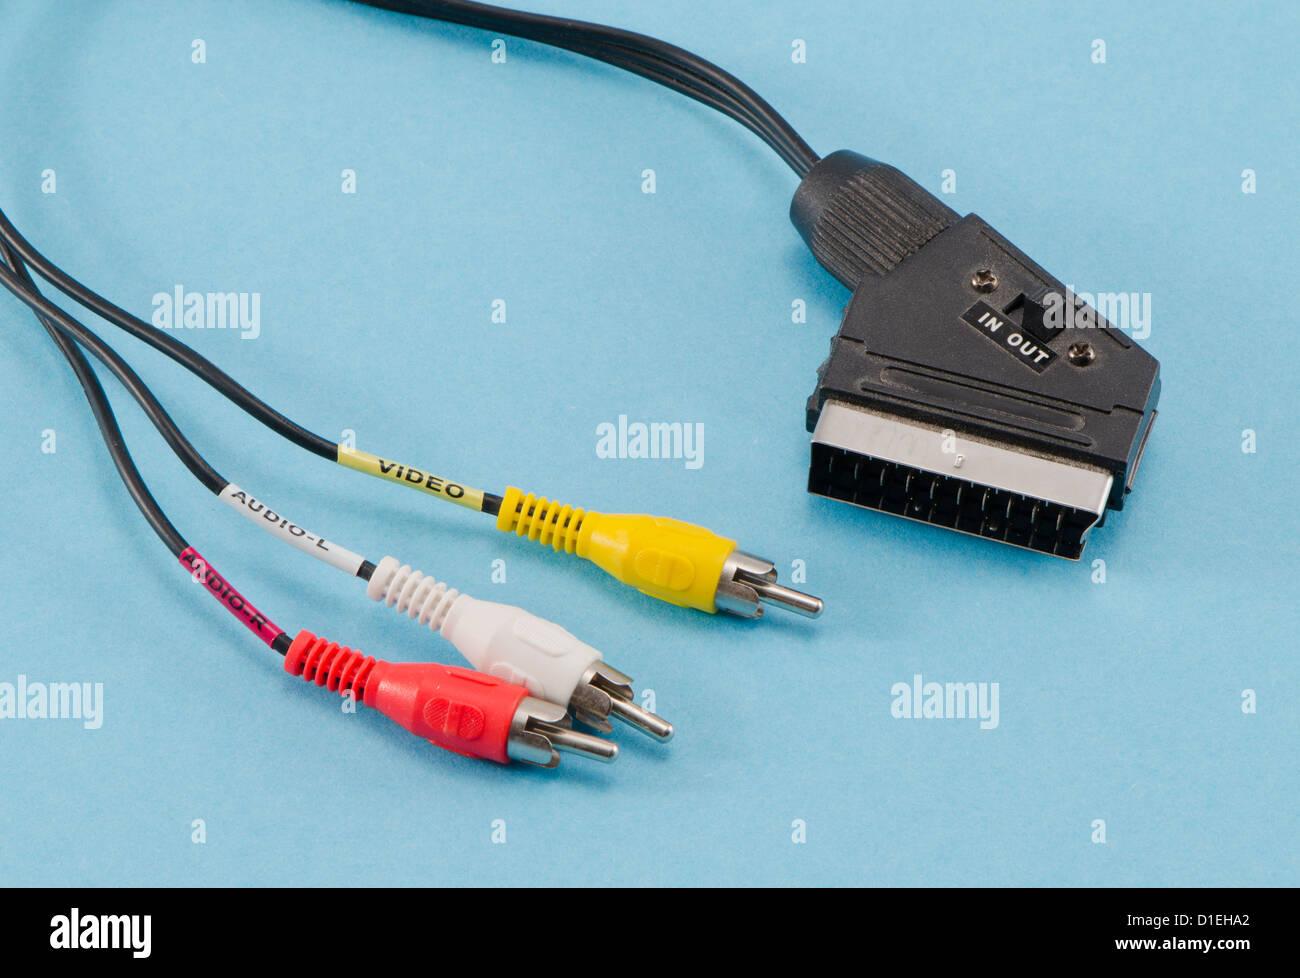 Scart Plug Stock Photos & Scart Plug Stock Images - Alamy